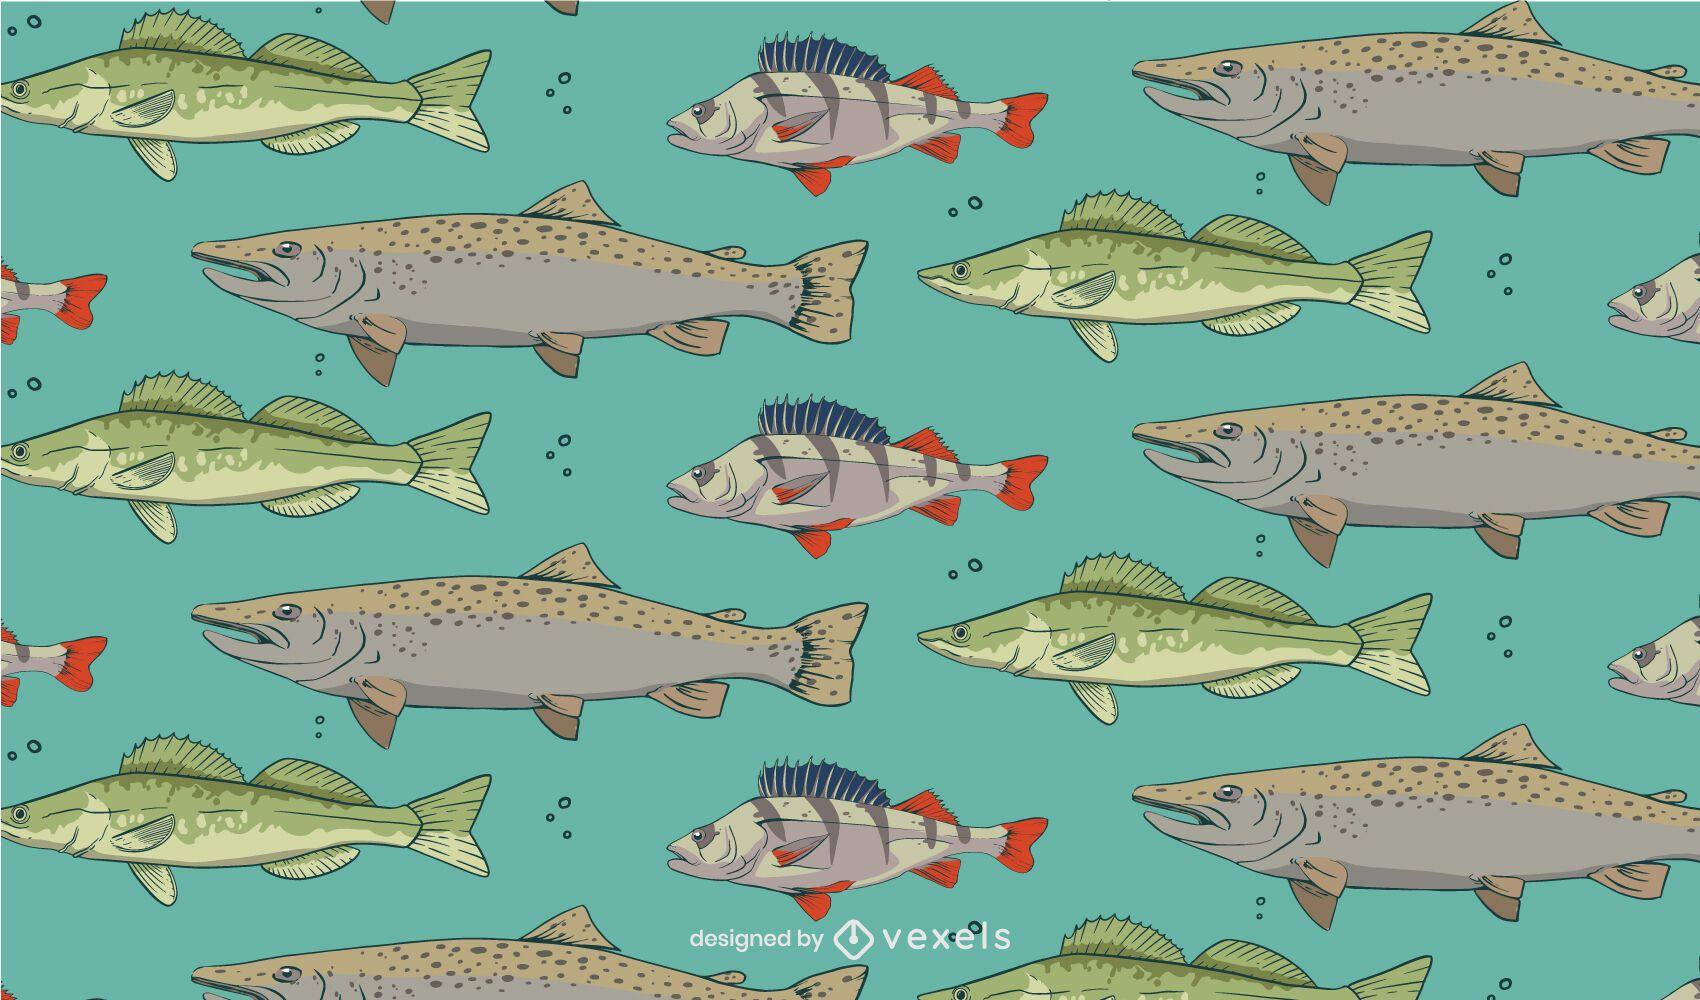 Fish species pattern design